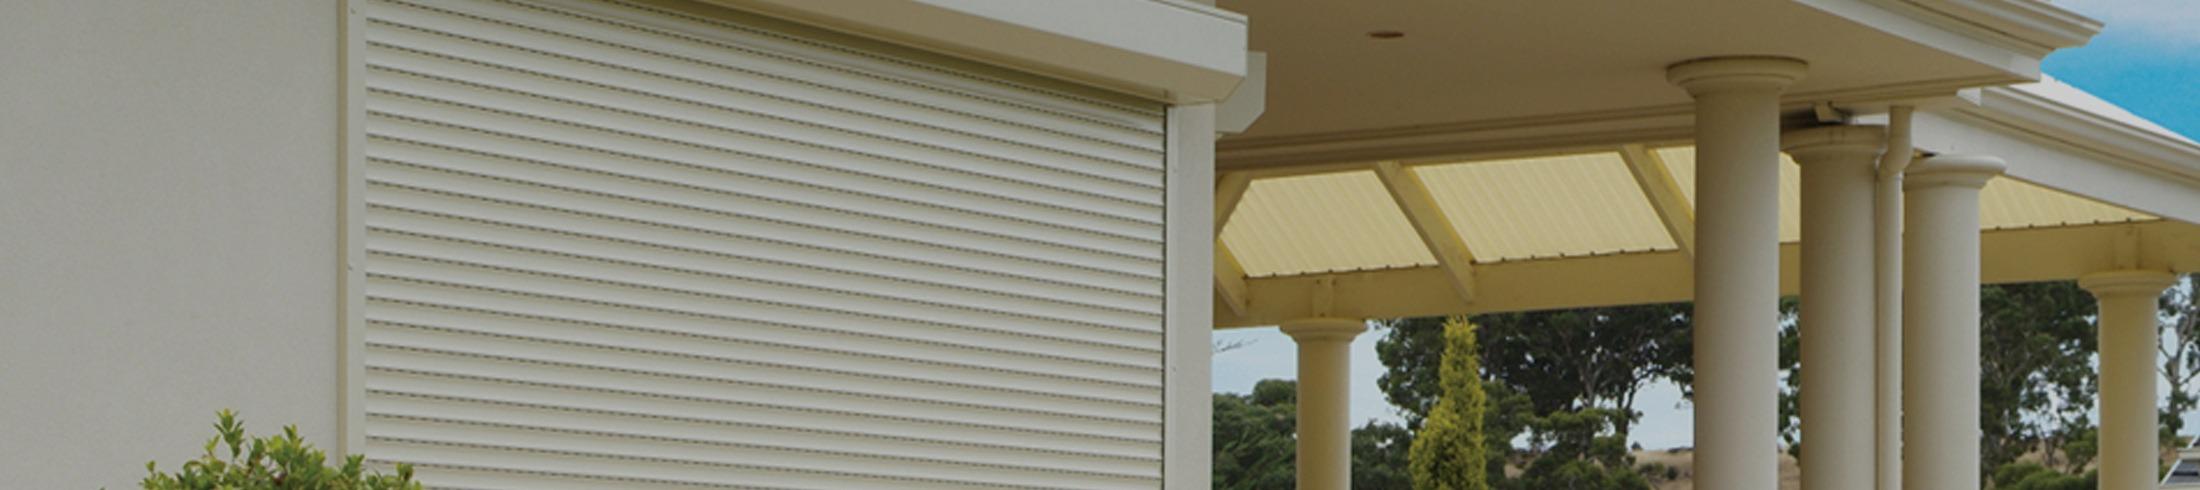 outdoor shutters powersmart 01